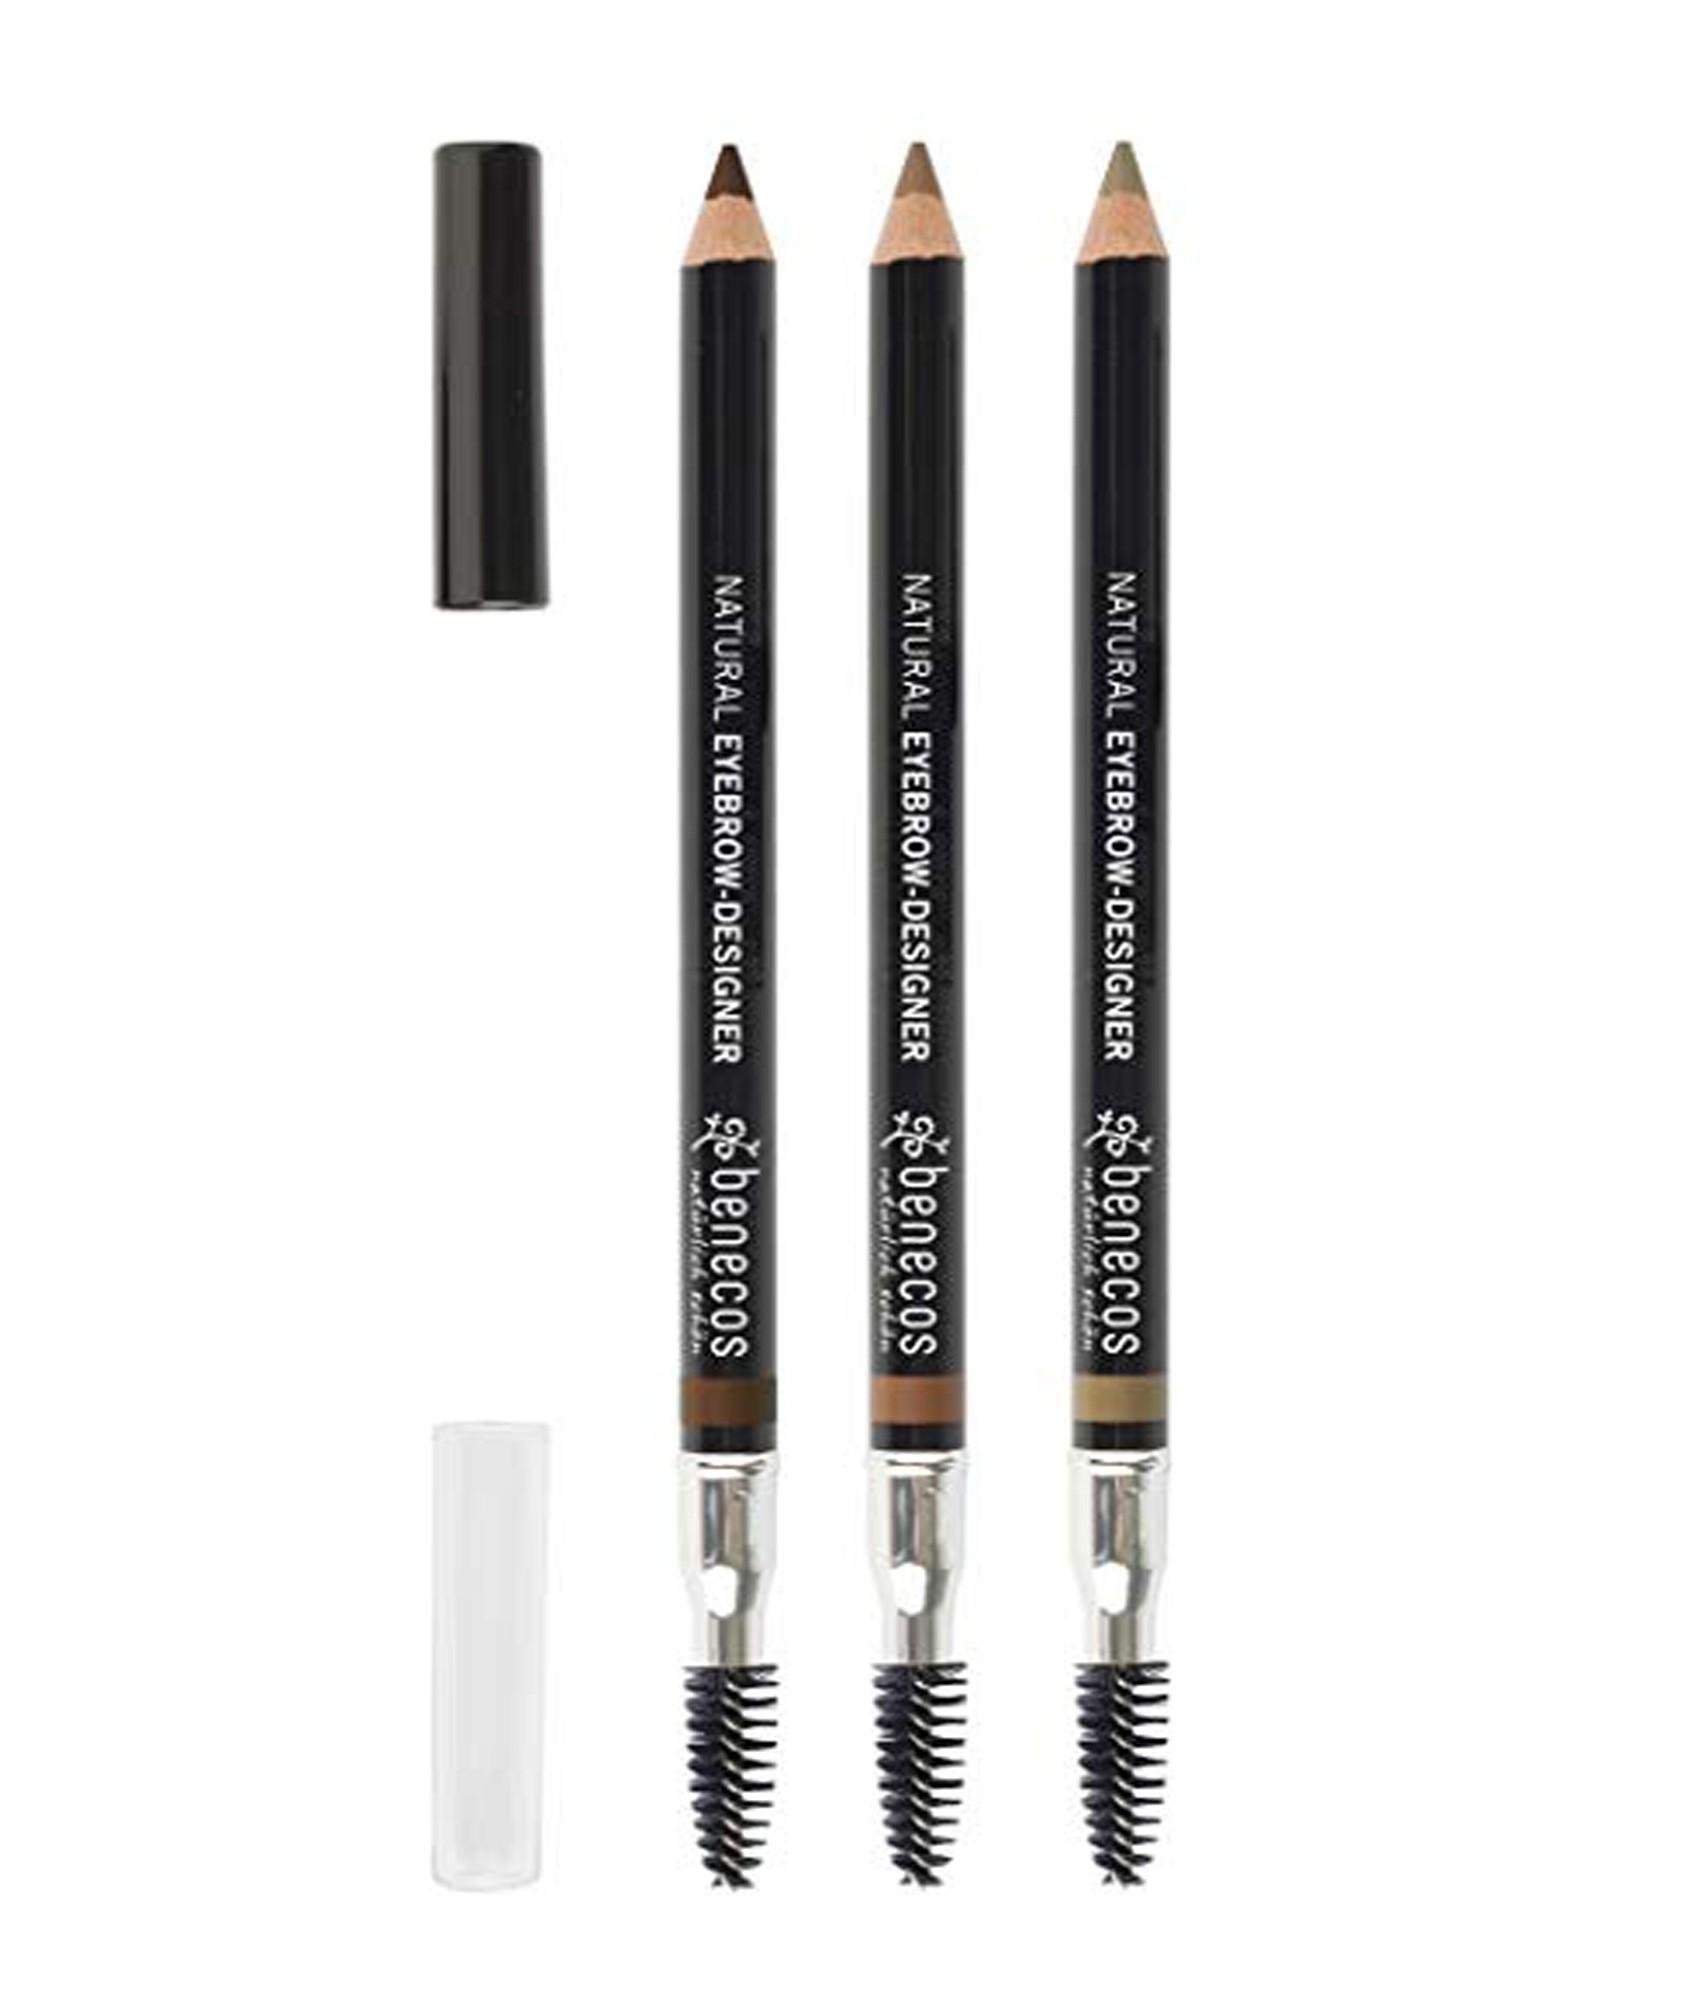 Benecos Natural Eyebrow Designer Colour Pencil